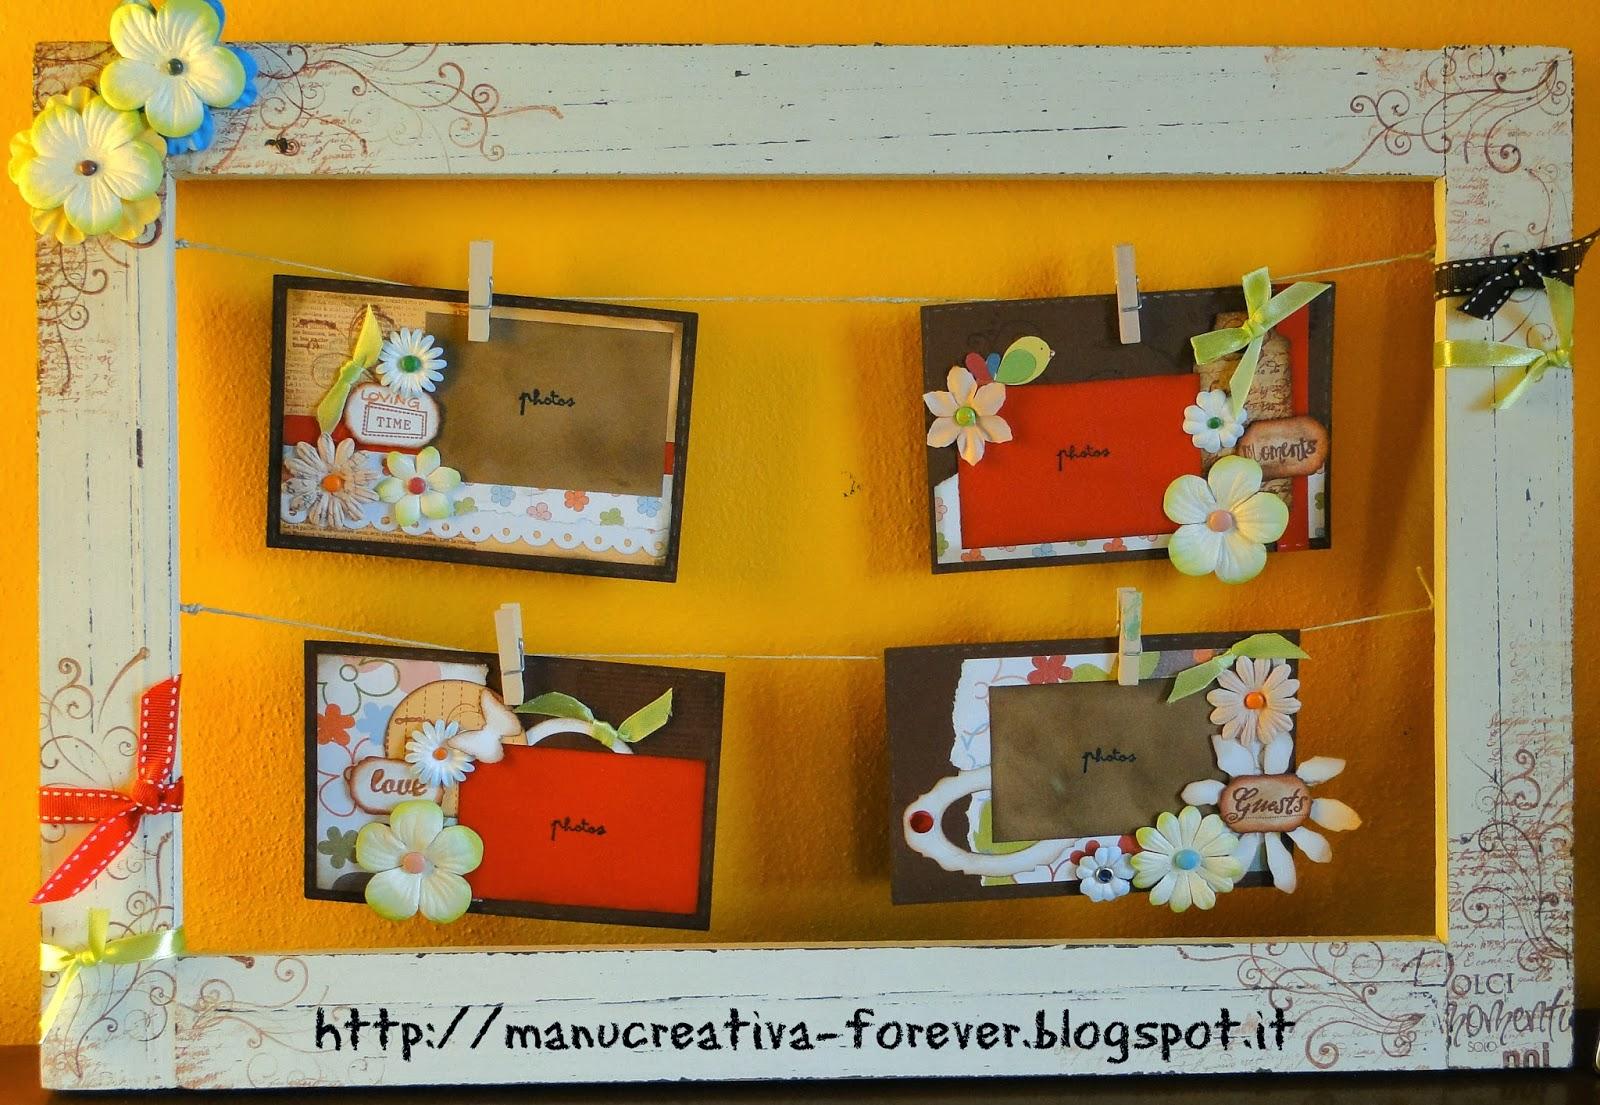 ManuCreAtiva-forever: Una cornice ...con le foto stese come panni ...